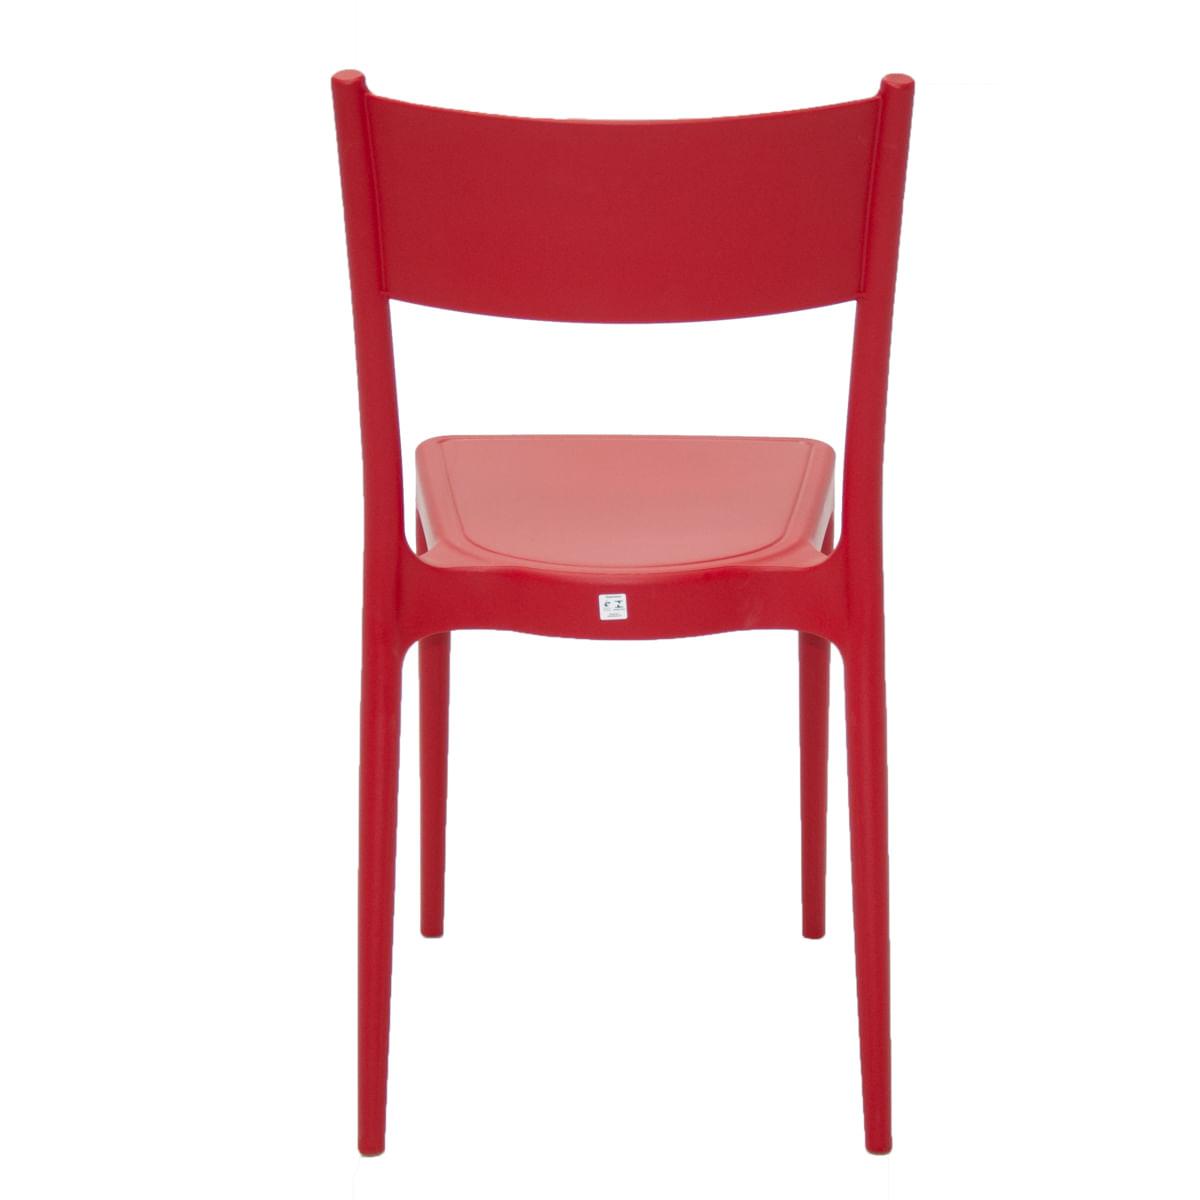 Cadeira Tramontina Diana Vermelha em Polipropileno e Fibra de Vidro